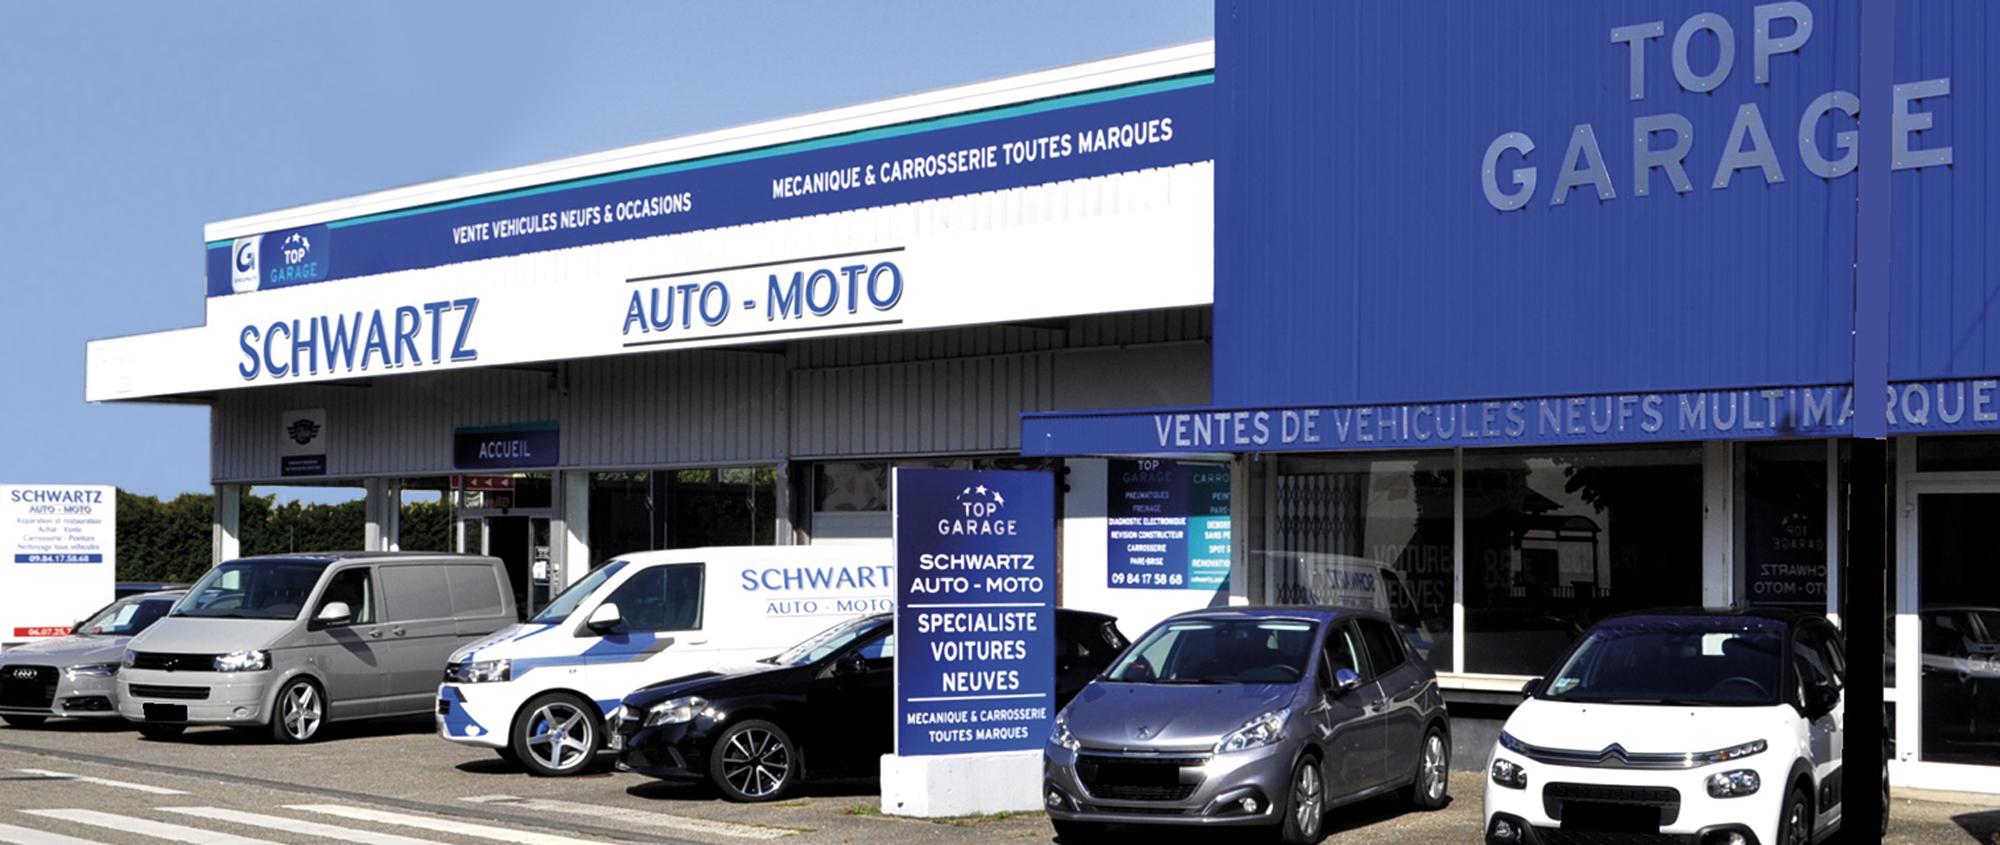 Garage Schwartz Auto-Moto Haguenau